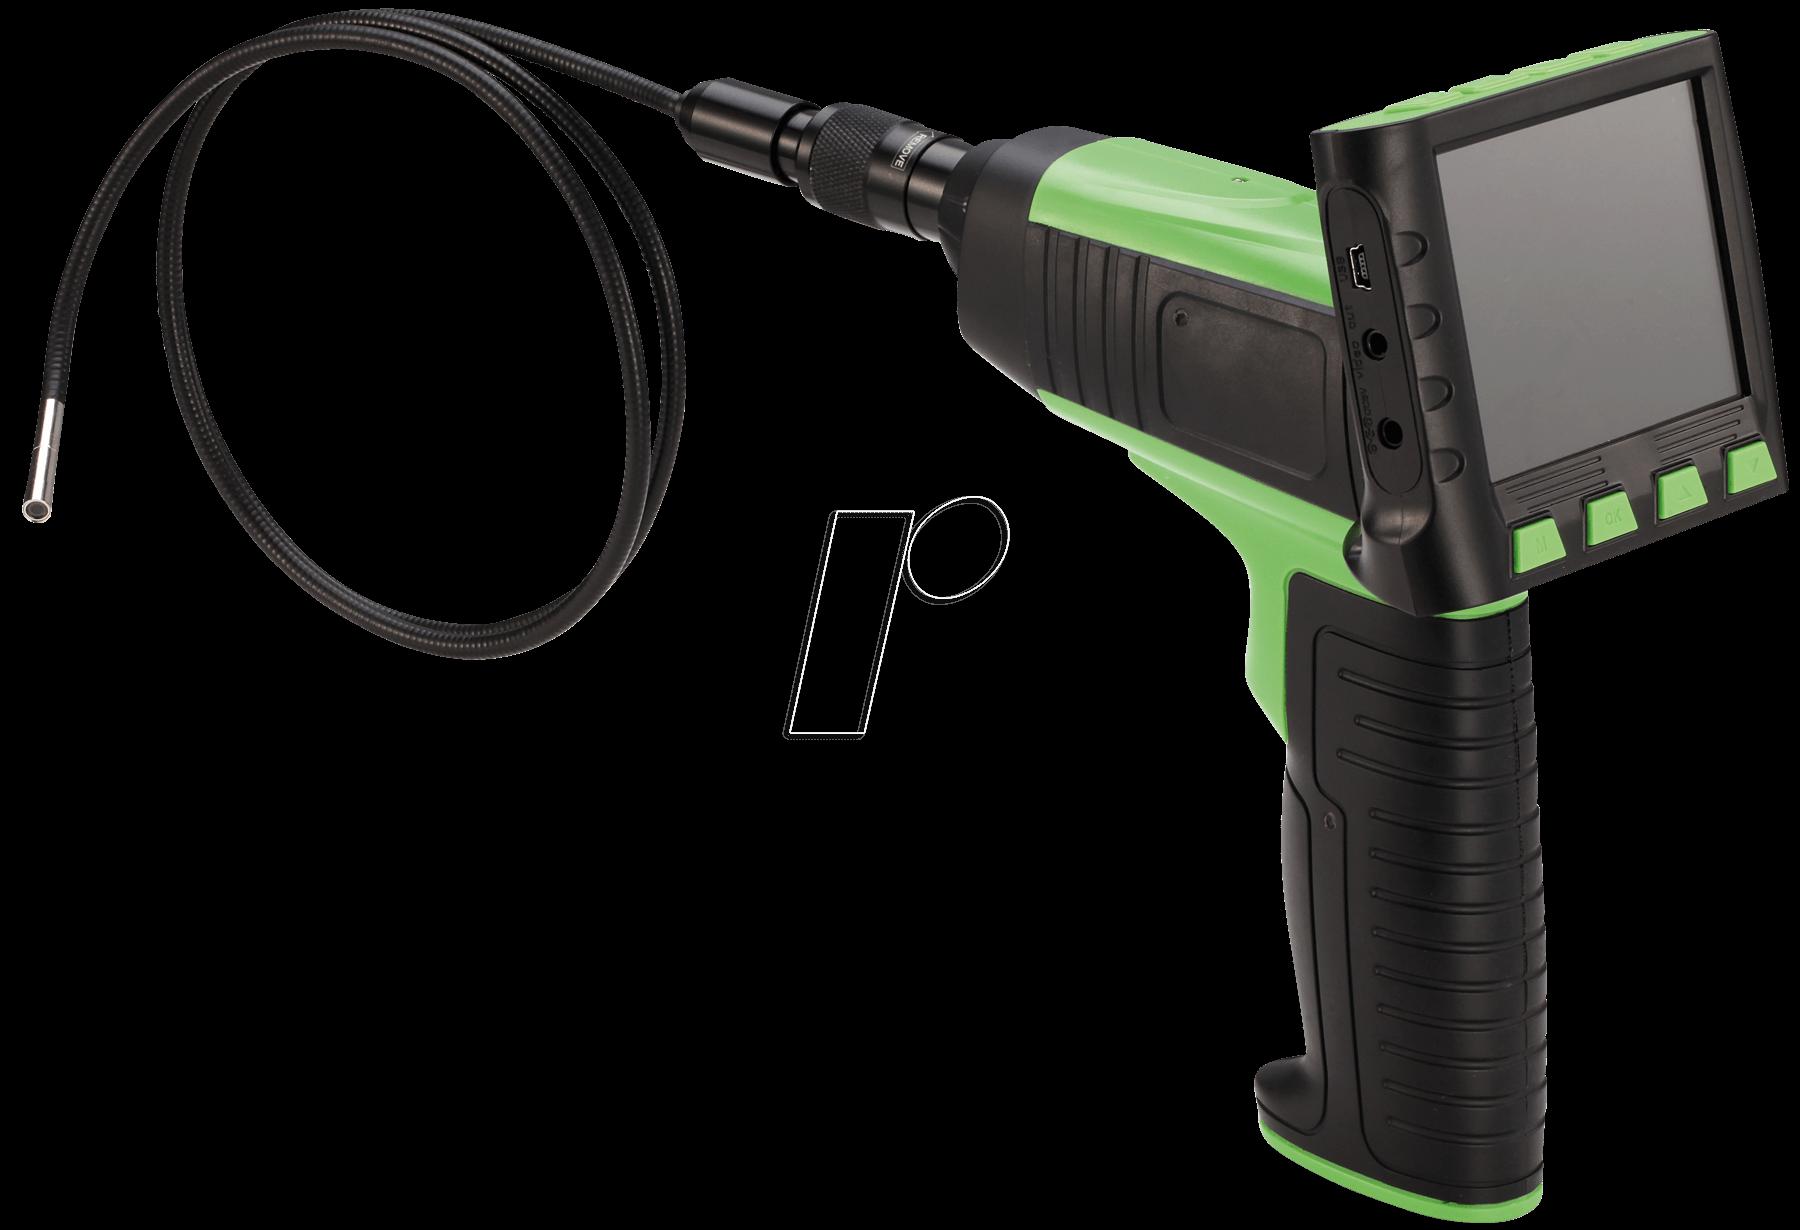 endo s05 5 5 endoskop kamera mit funk monitor 5 5 mm bei. Black Bedroom Furniture Sets. Home Design Ideas